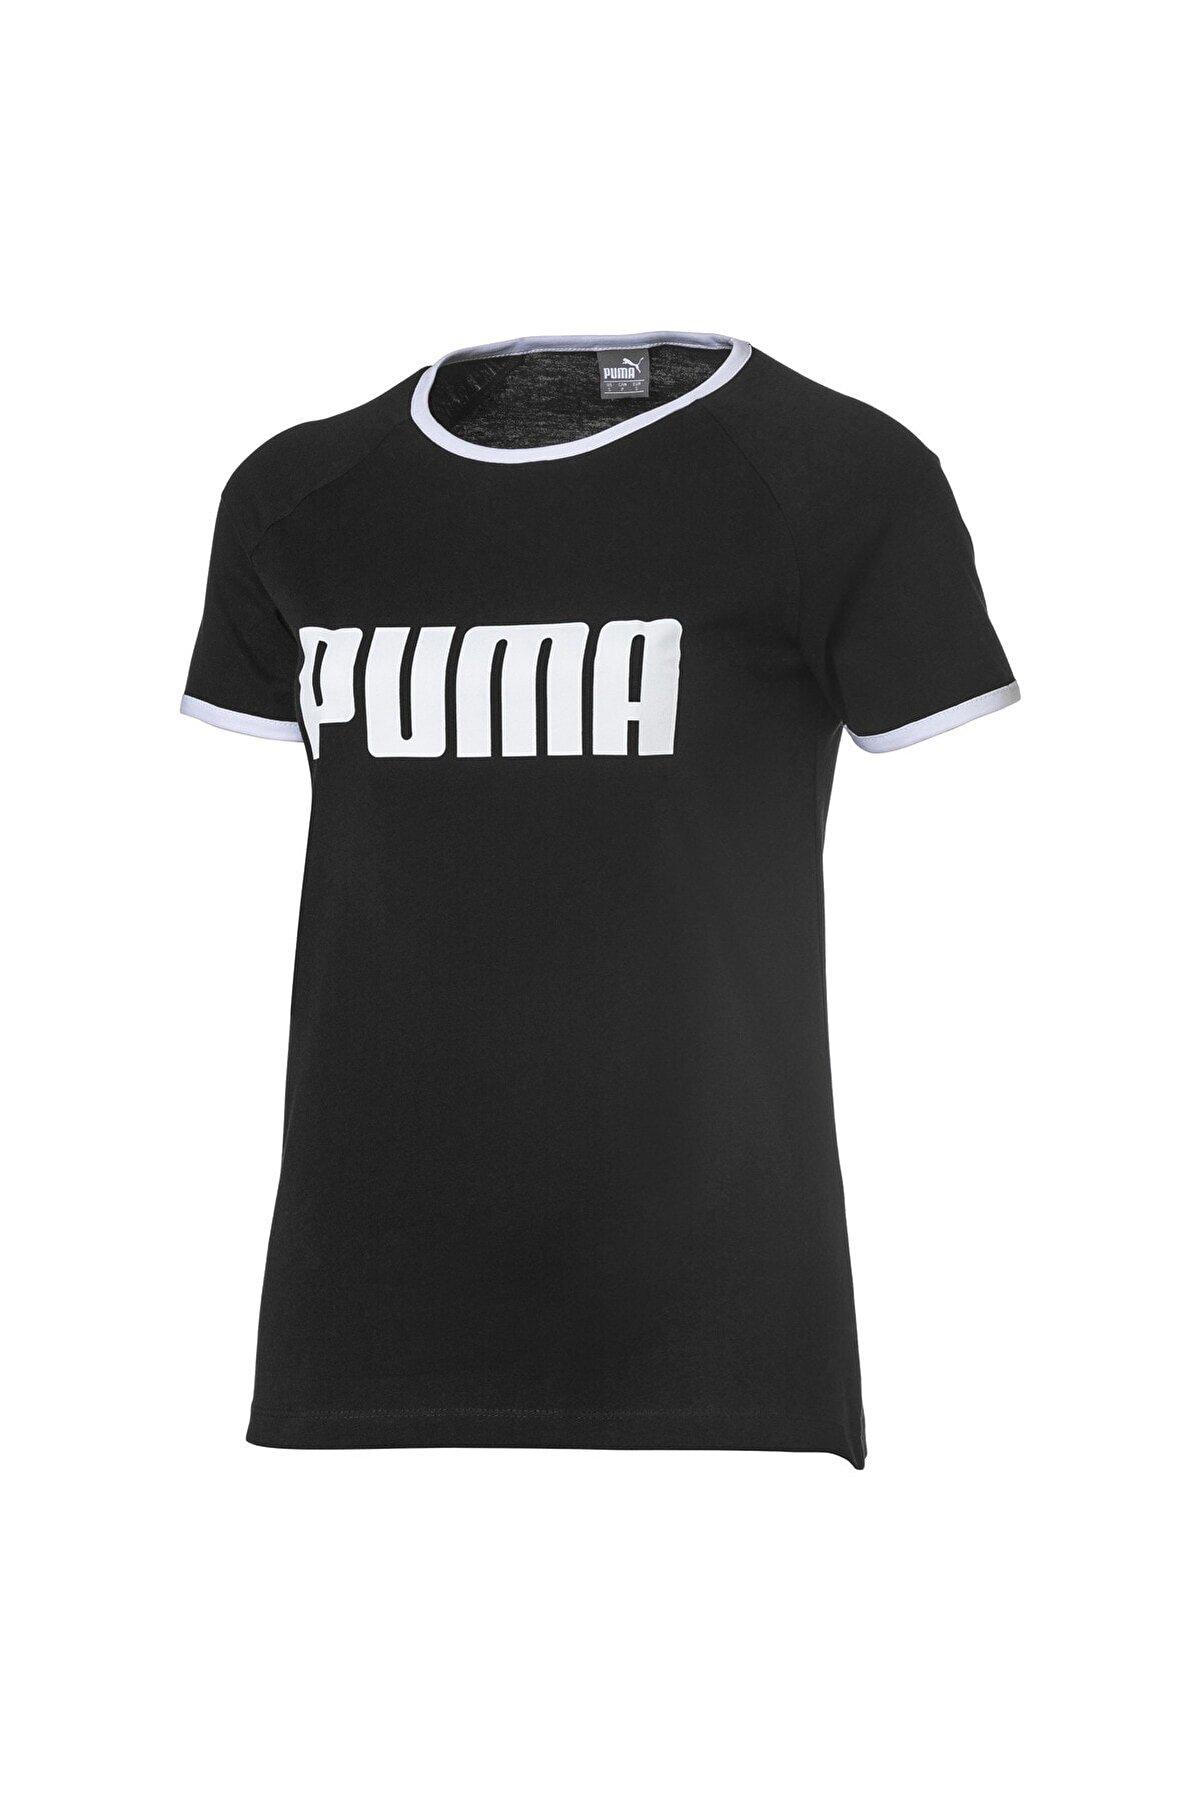 Puma RINGER Siyah Kadın T-Shirt 100516902